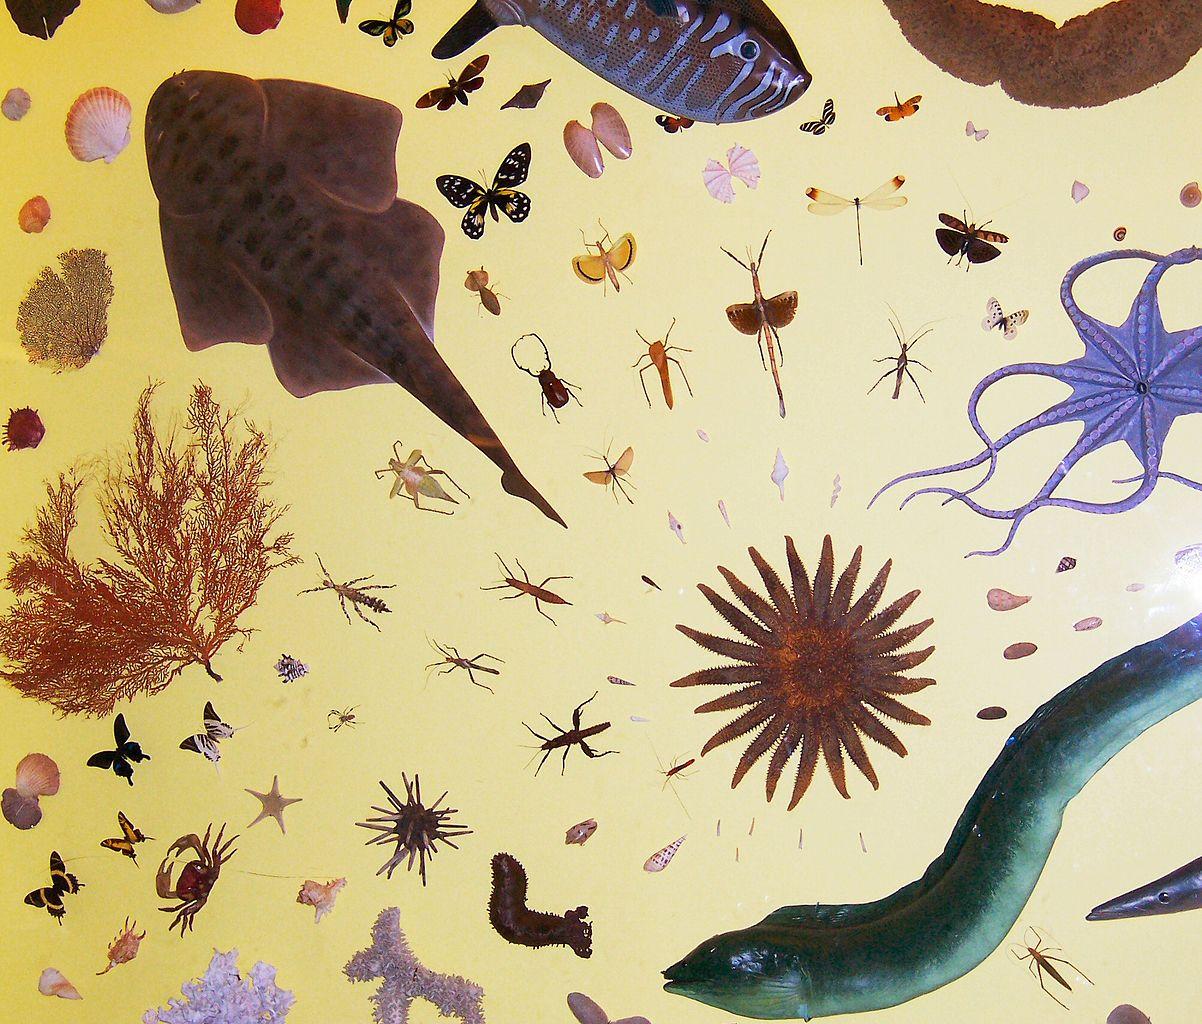 Biological Convergence Challenges Naturalistic Evolution Models